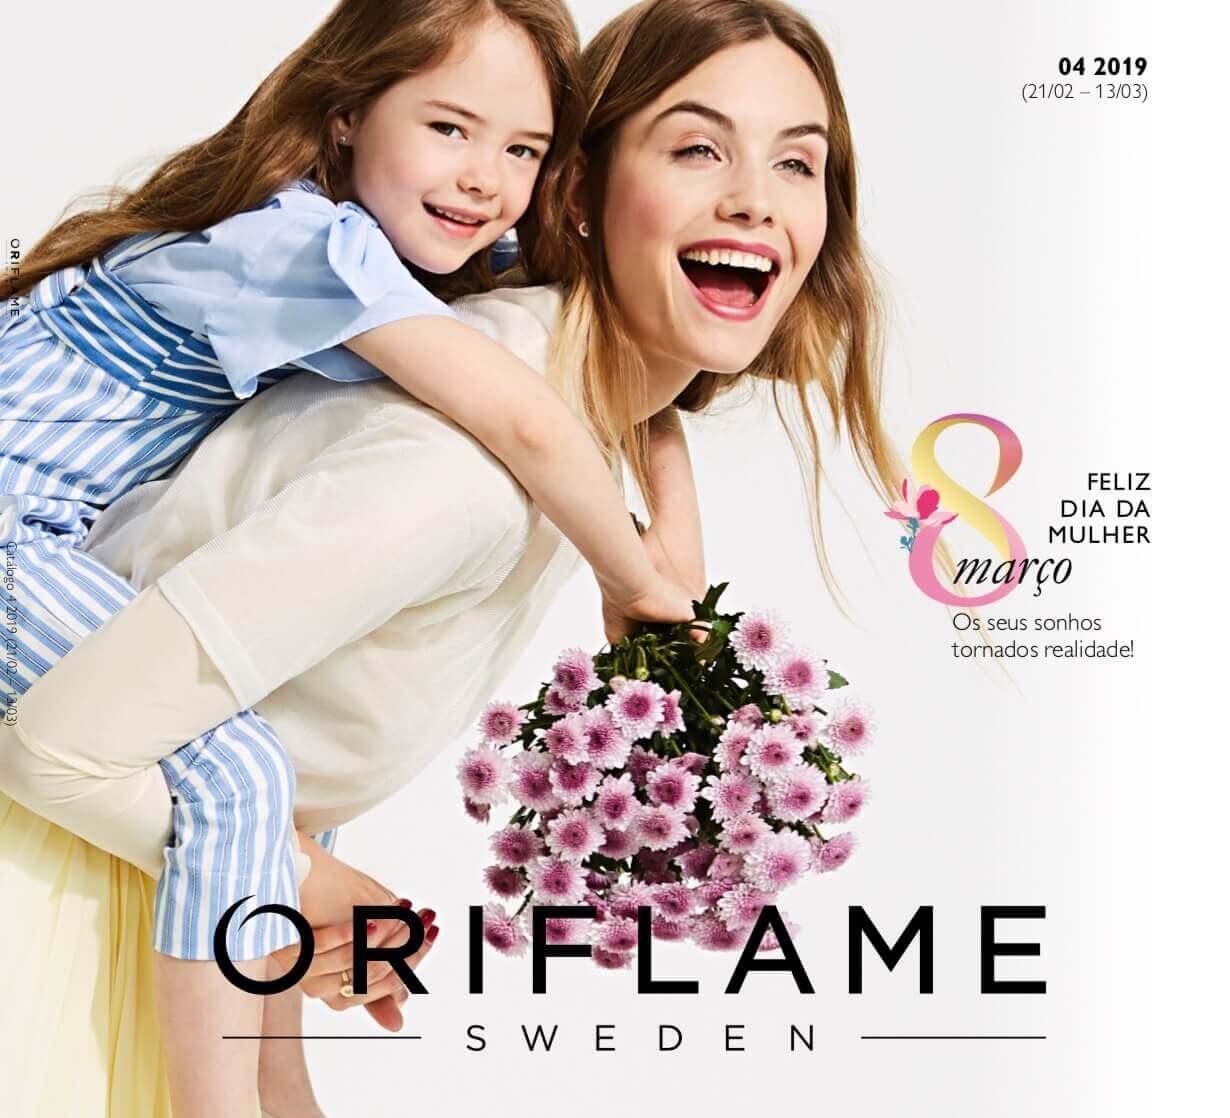 Catálogo Oriflame 15 de 2018, Equipa Sonhar.pt